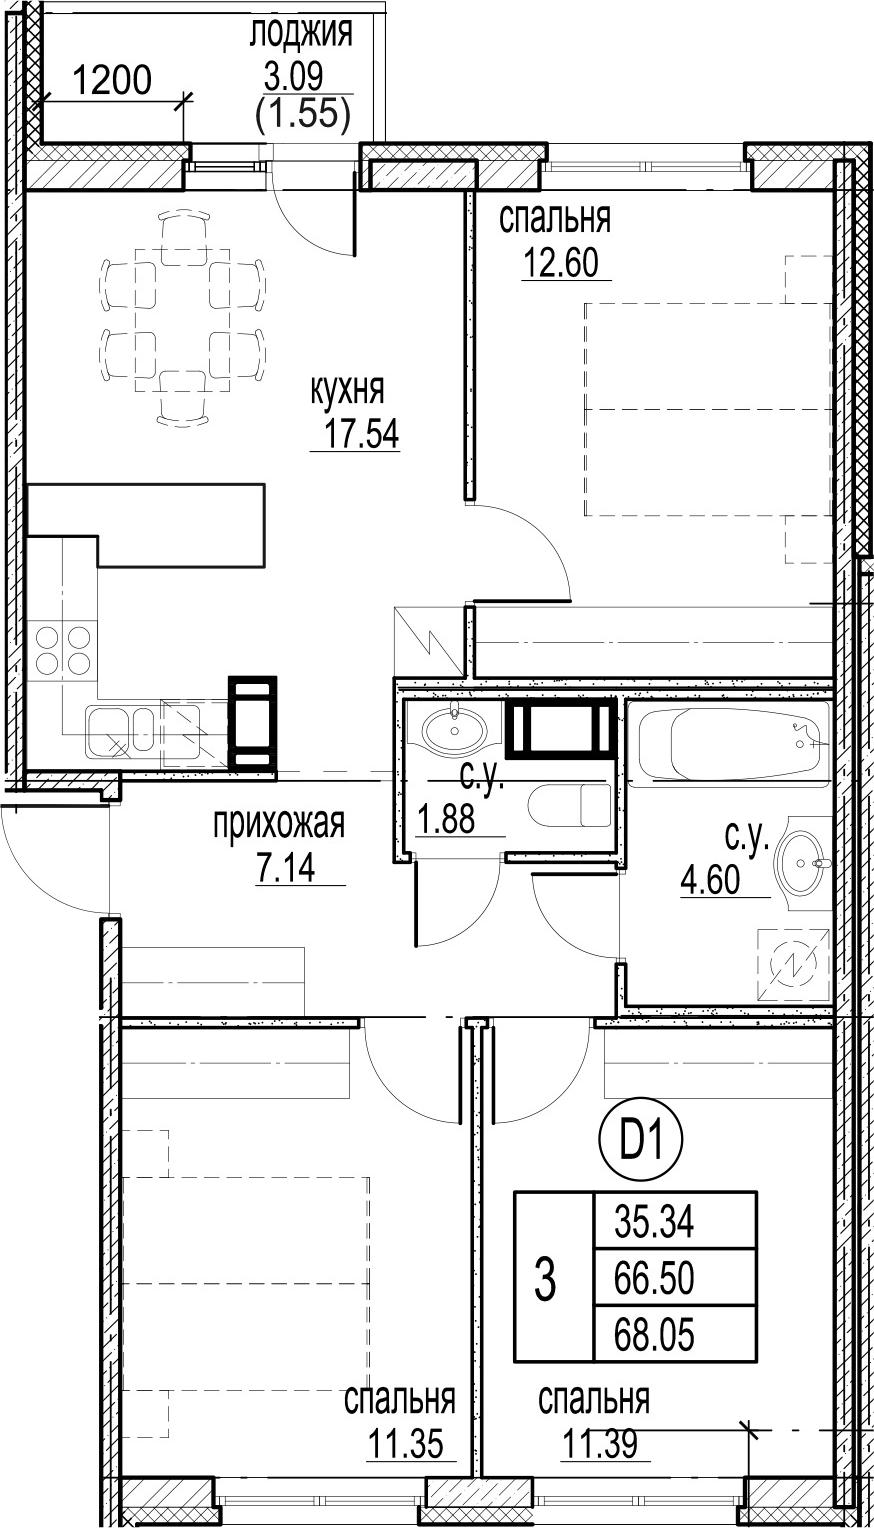 3-комнатная, 68.05 м²– 2